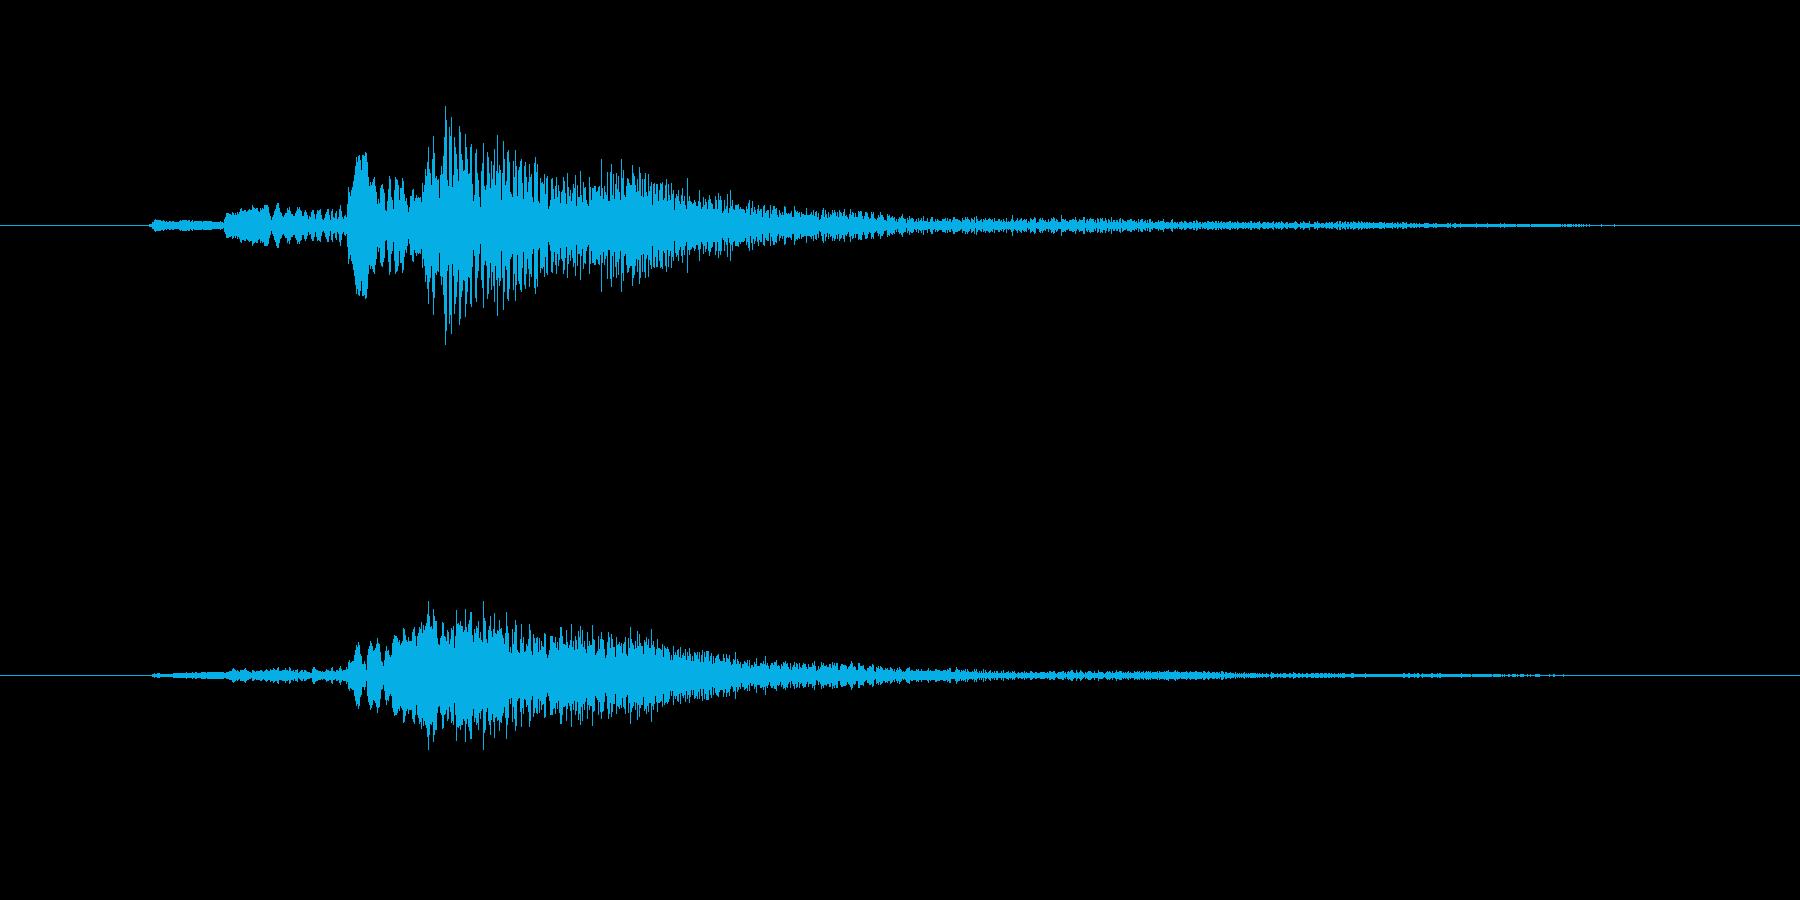 グランドハープのグリッサンド inF#の再生済みの波形